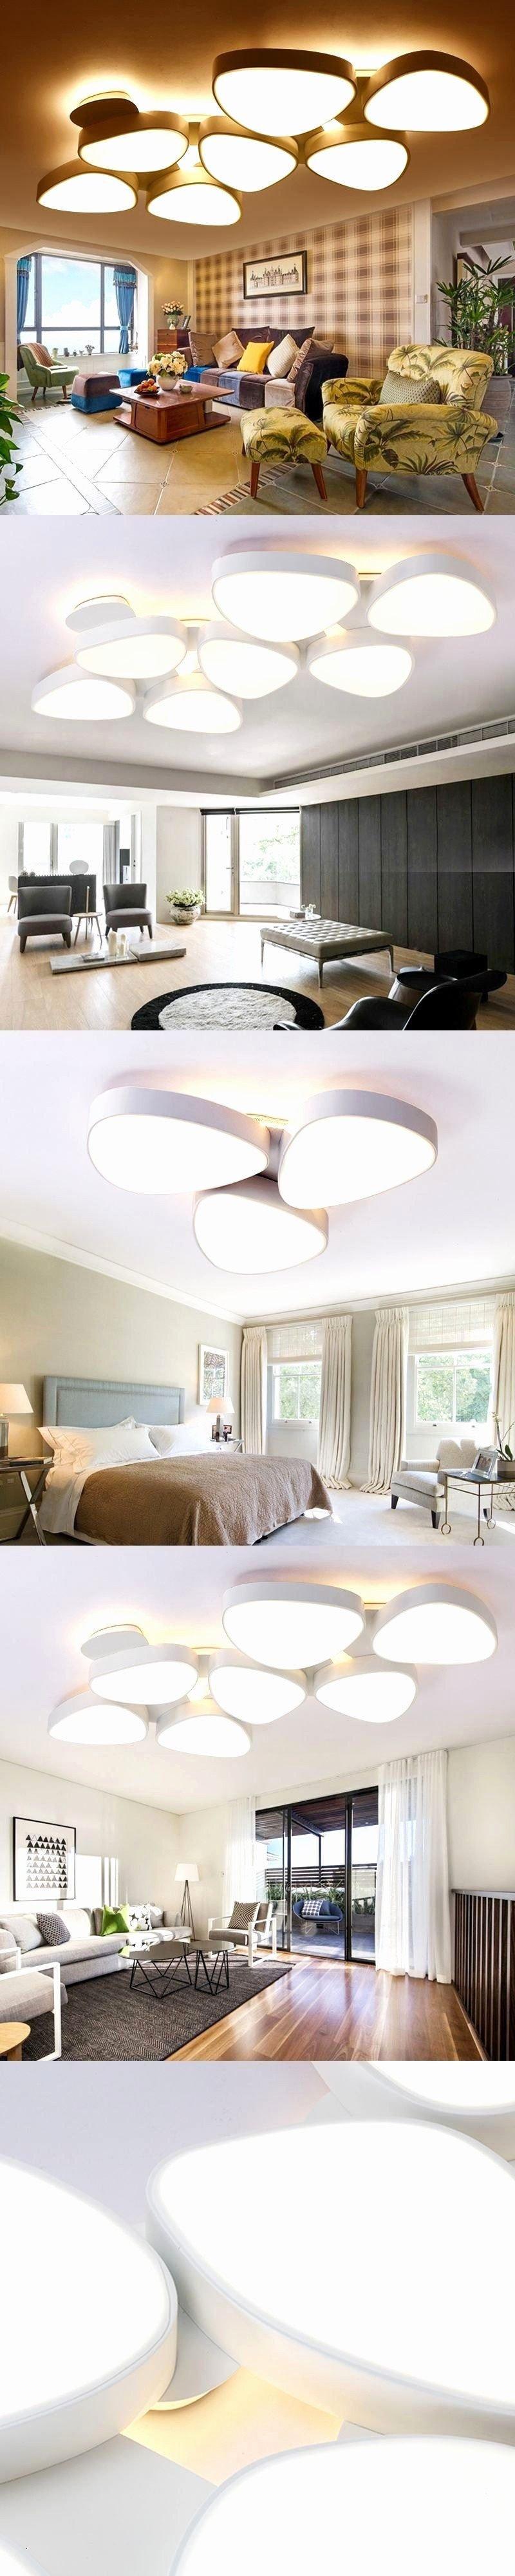 Flush Mount Bedroom Ceiling Light Best Of Flush Mount Chandelier Elegant Pendant Light Revit